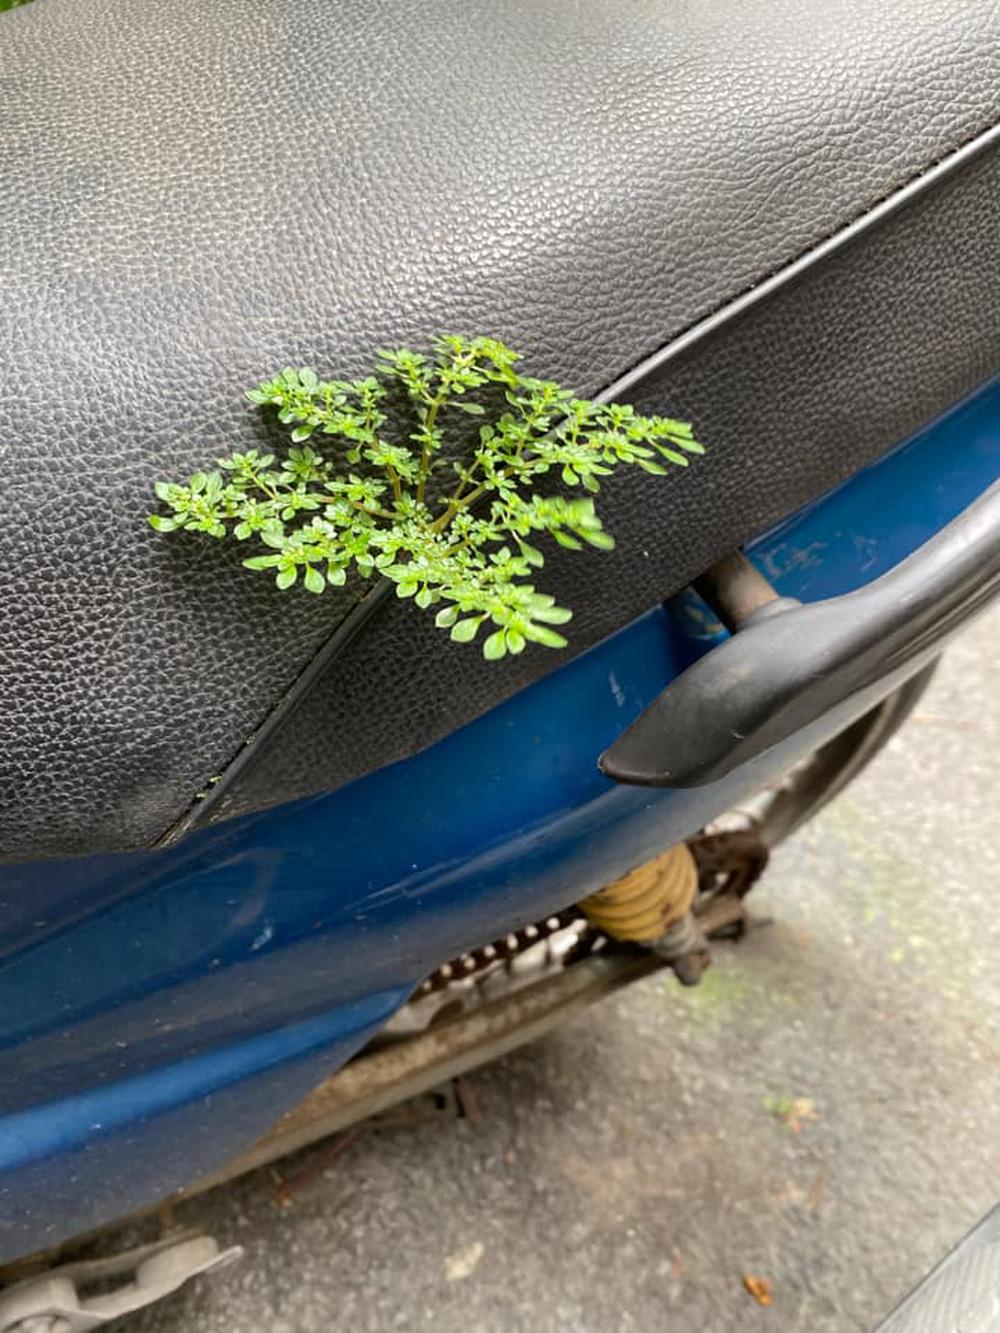 Yên xe đã có cây xanh phủ bóng.